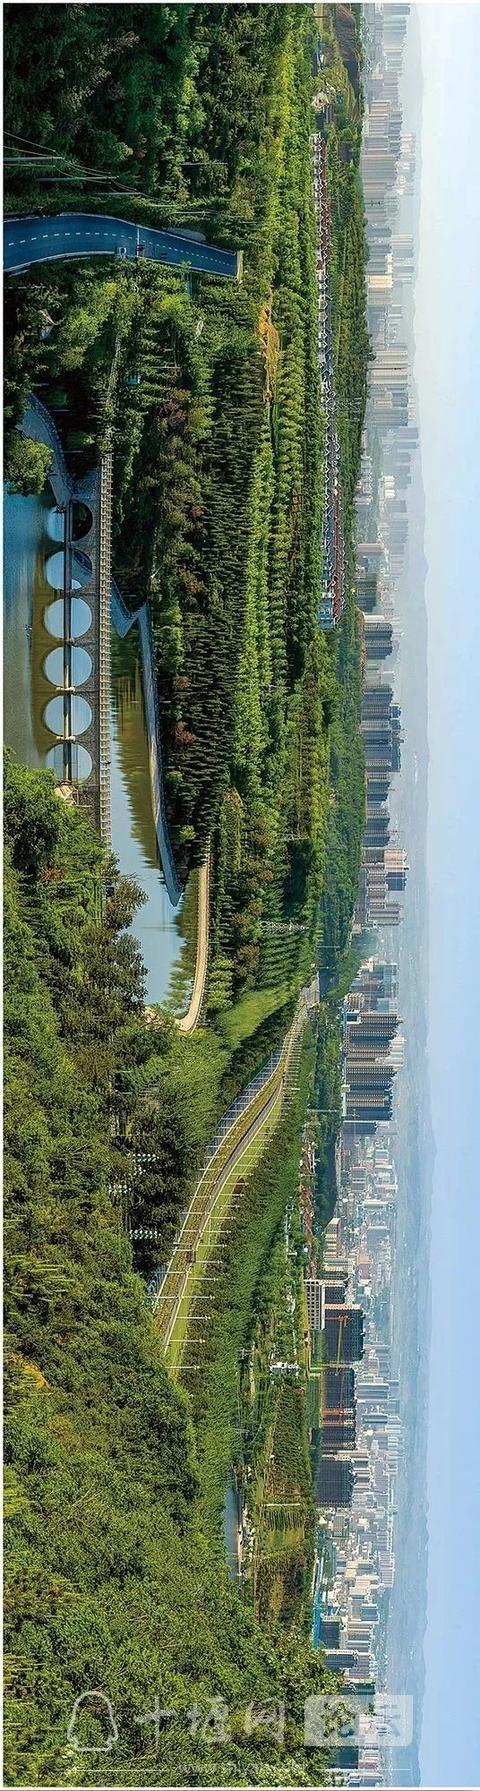 40张超级美的晋城美图曝光,第11张你肯定没见过,请查收-11.jpg